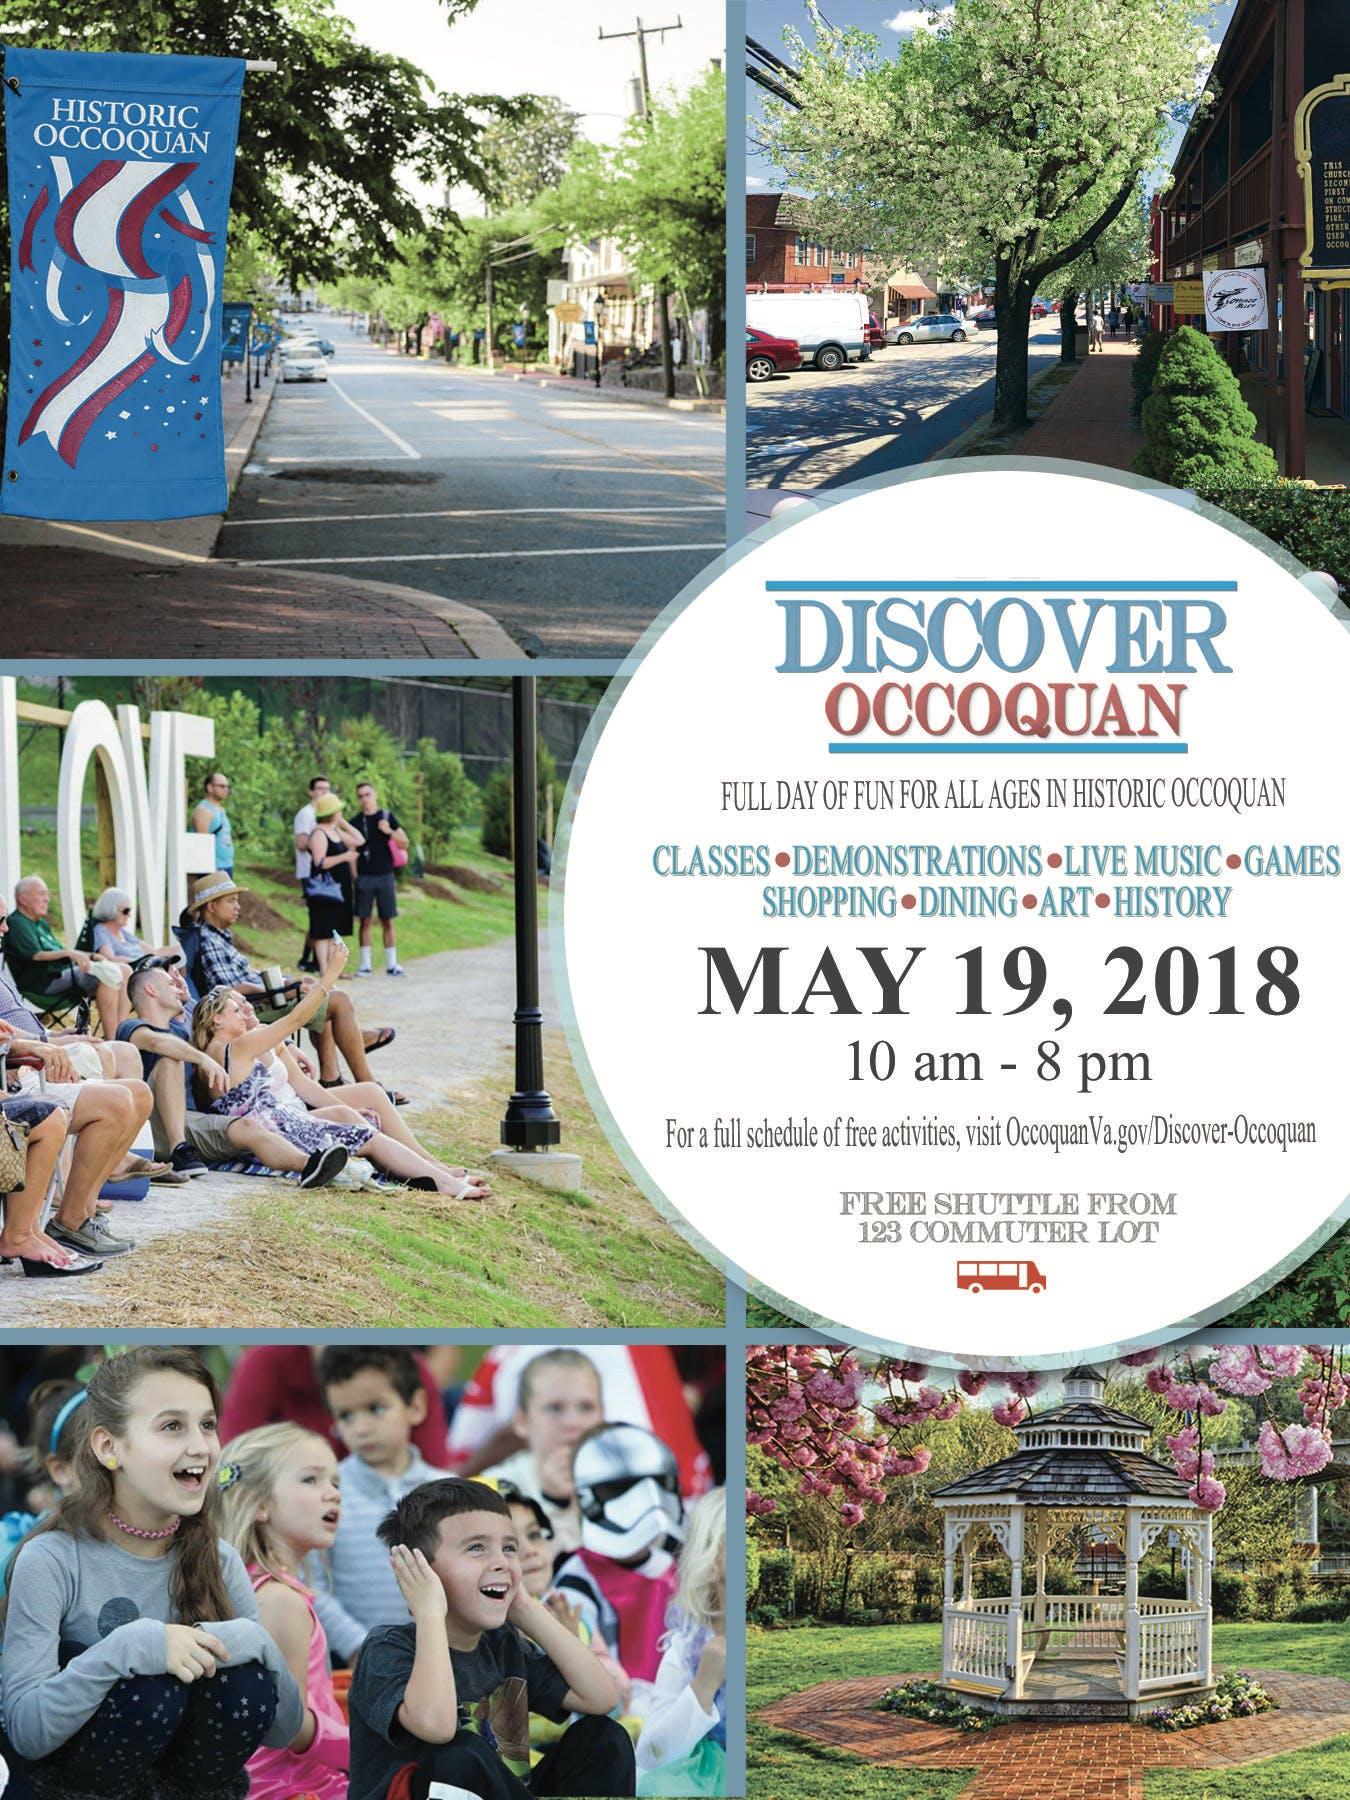 Discover Occoquan